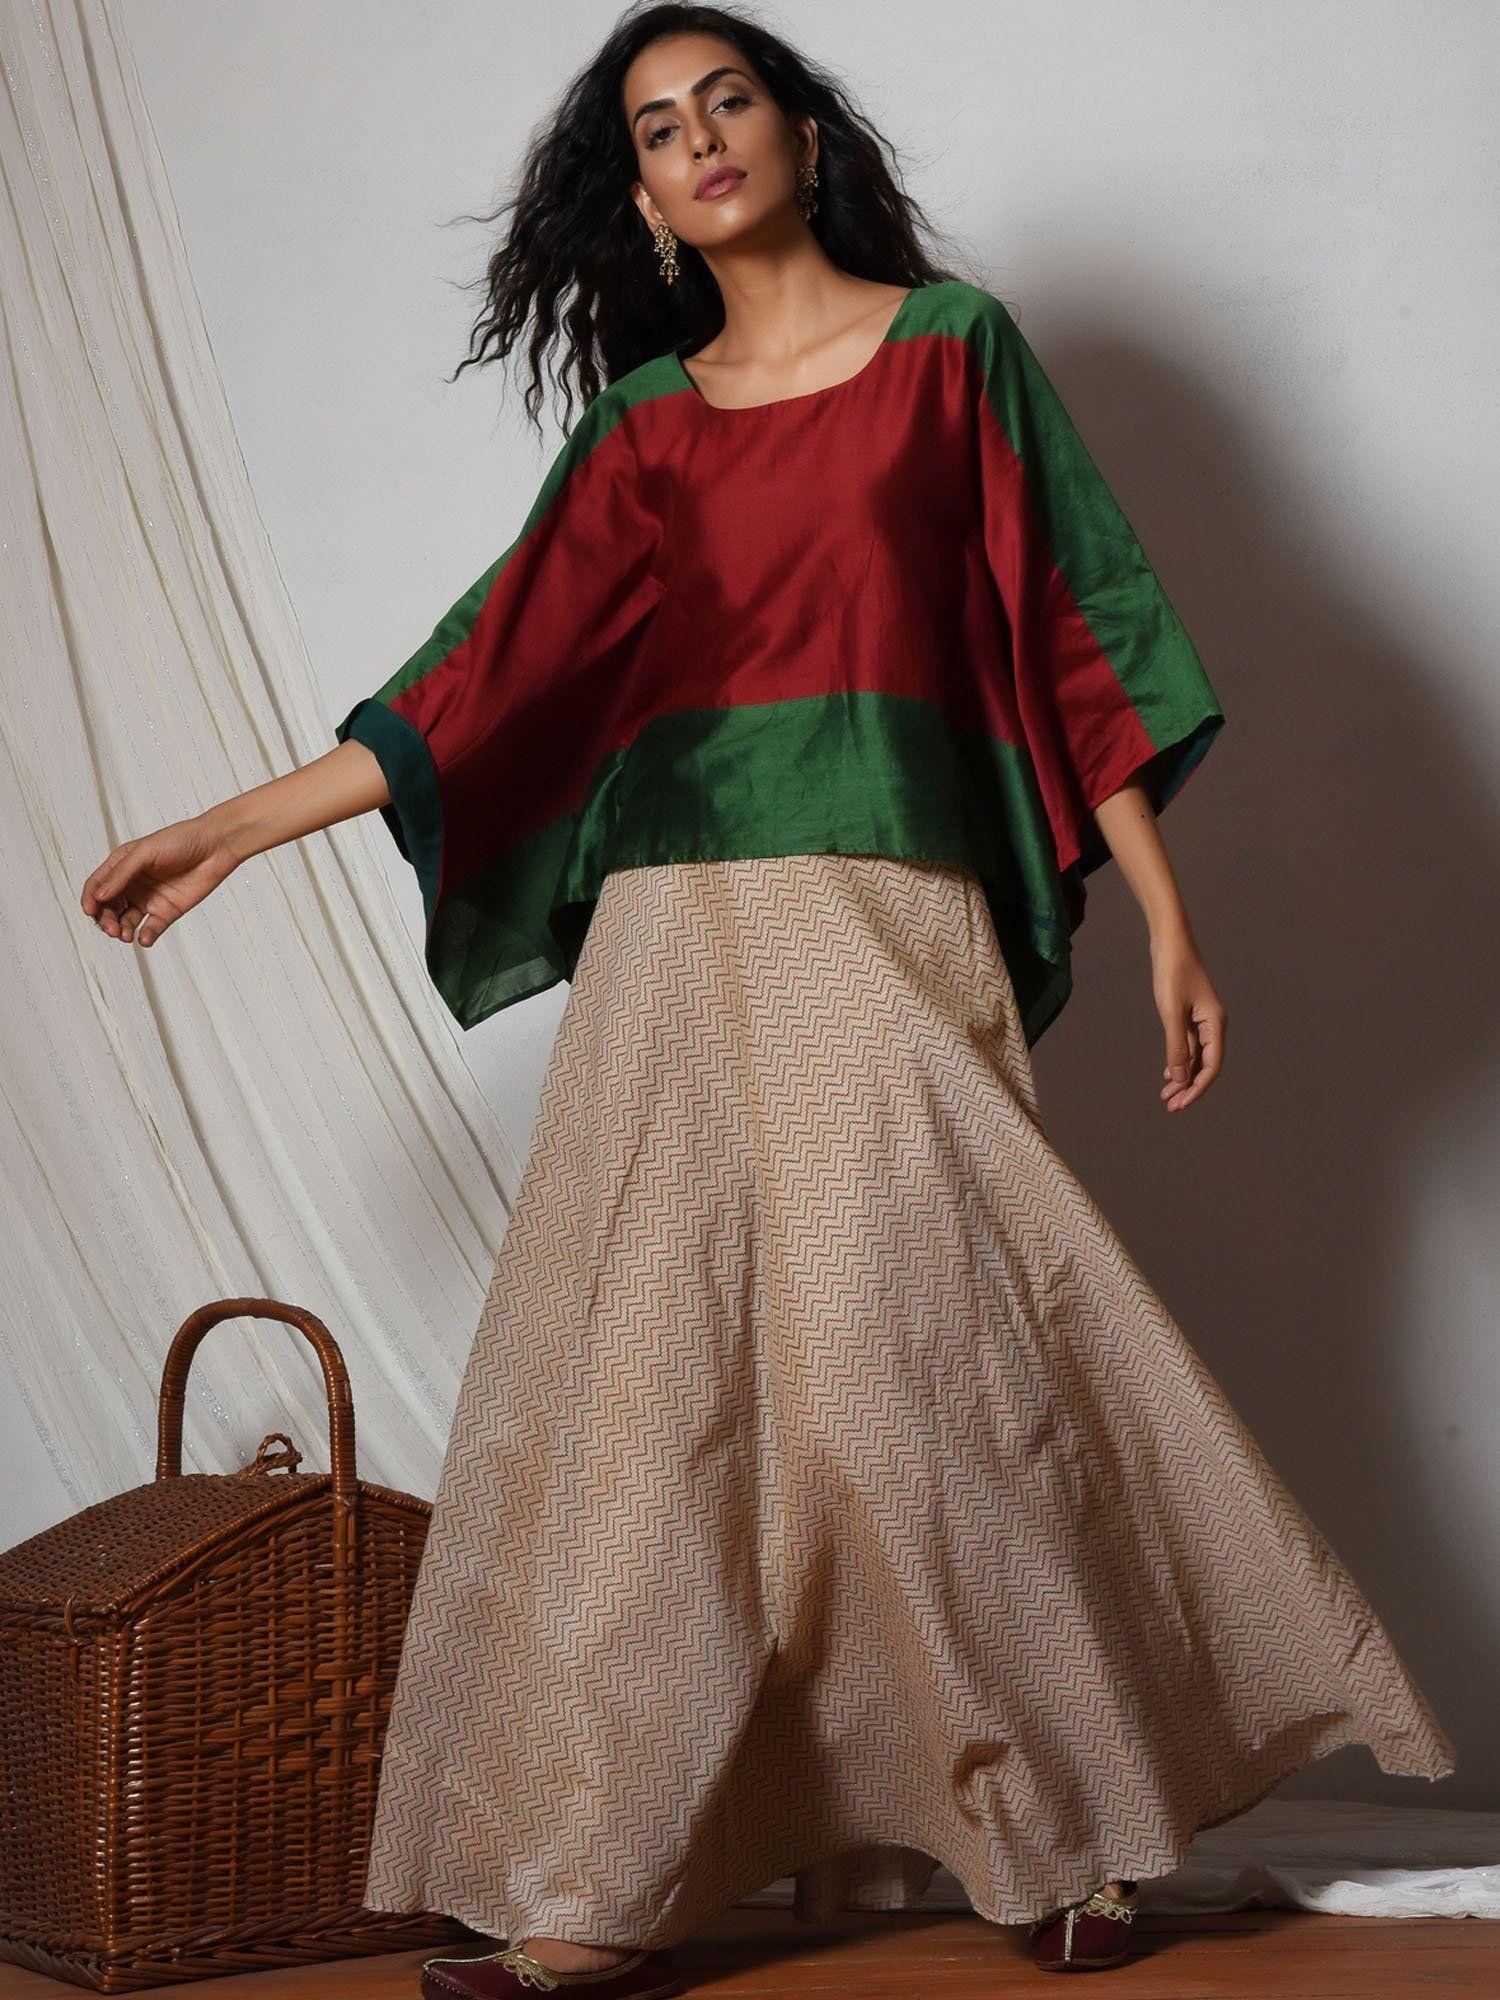 7f2d8147a1 trueBrowns Lehenga : Buy trueBrowns Red Green Kaftan Top with Beige ...